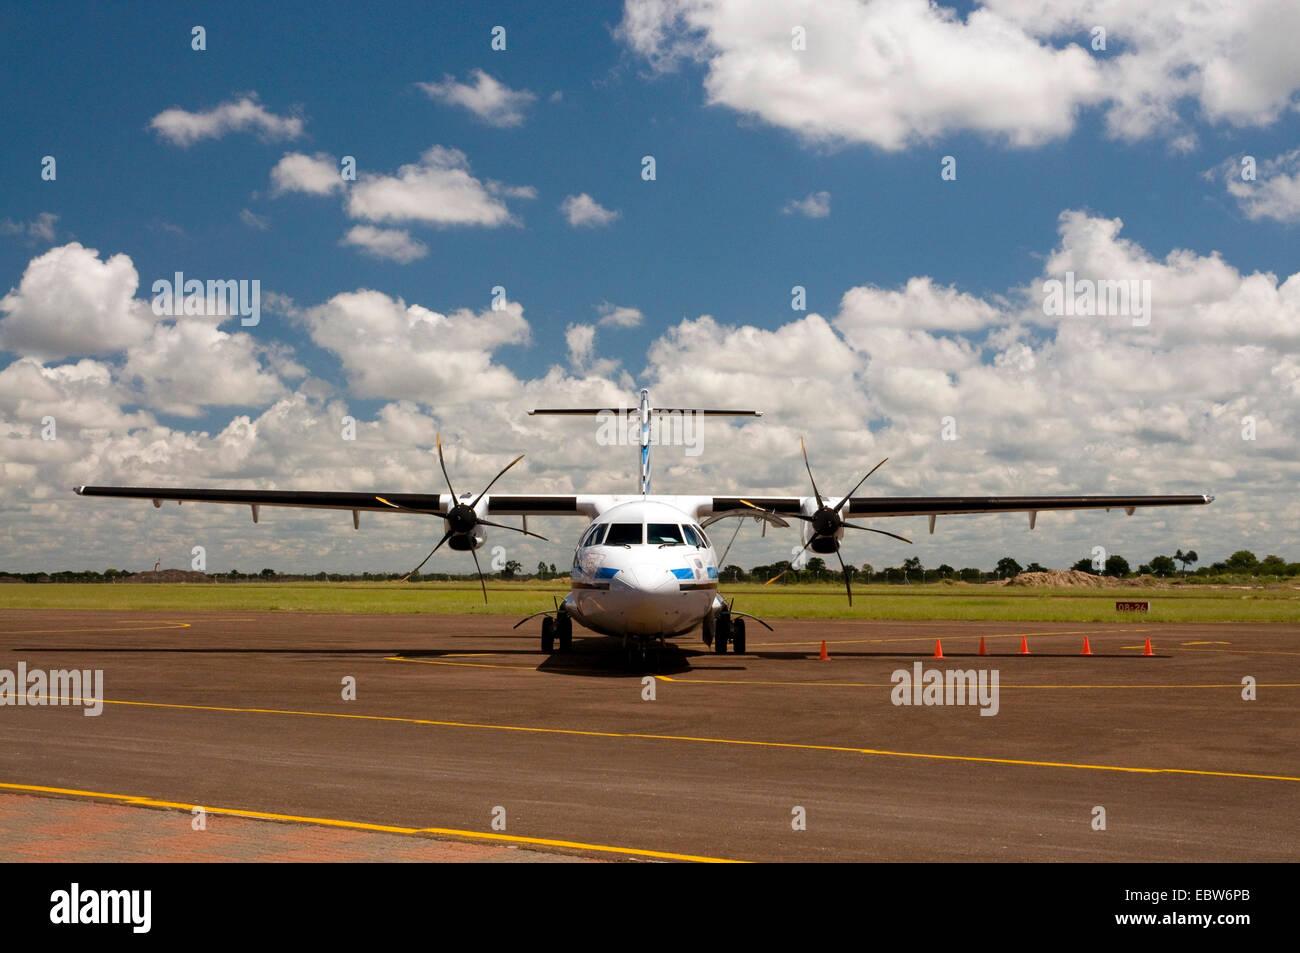 propeller plane of the Air Botswana at Maun Airport, Botswana - Stock Image